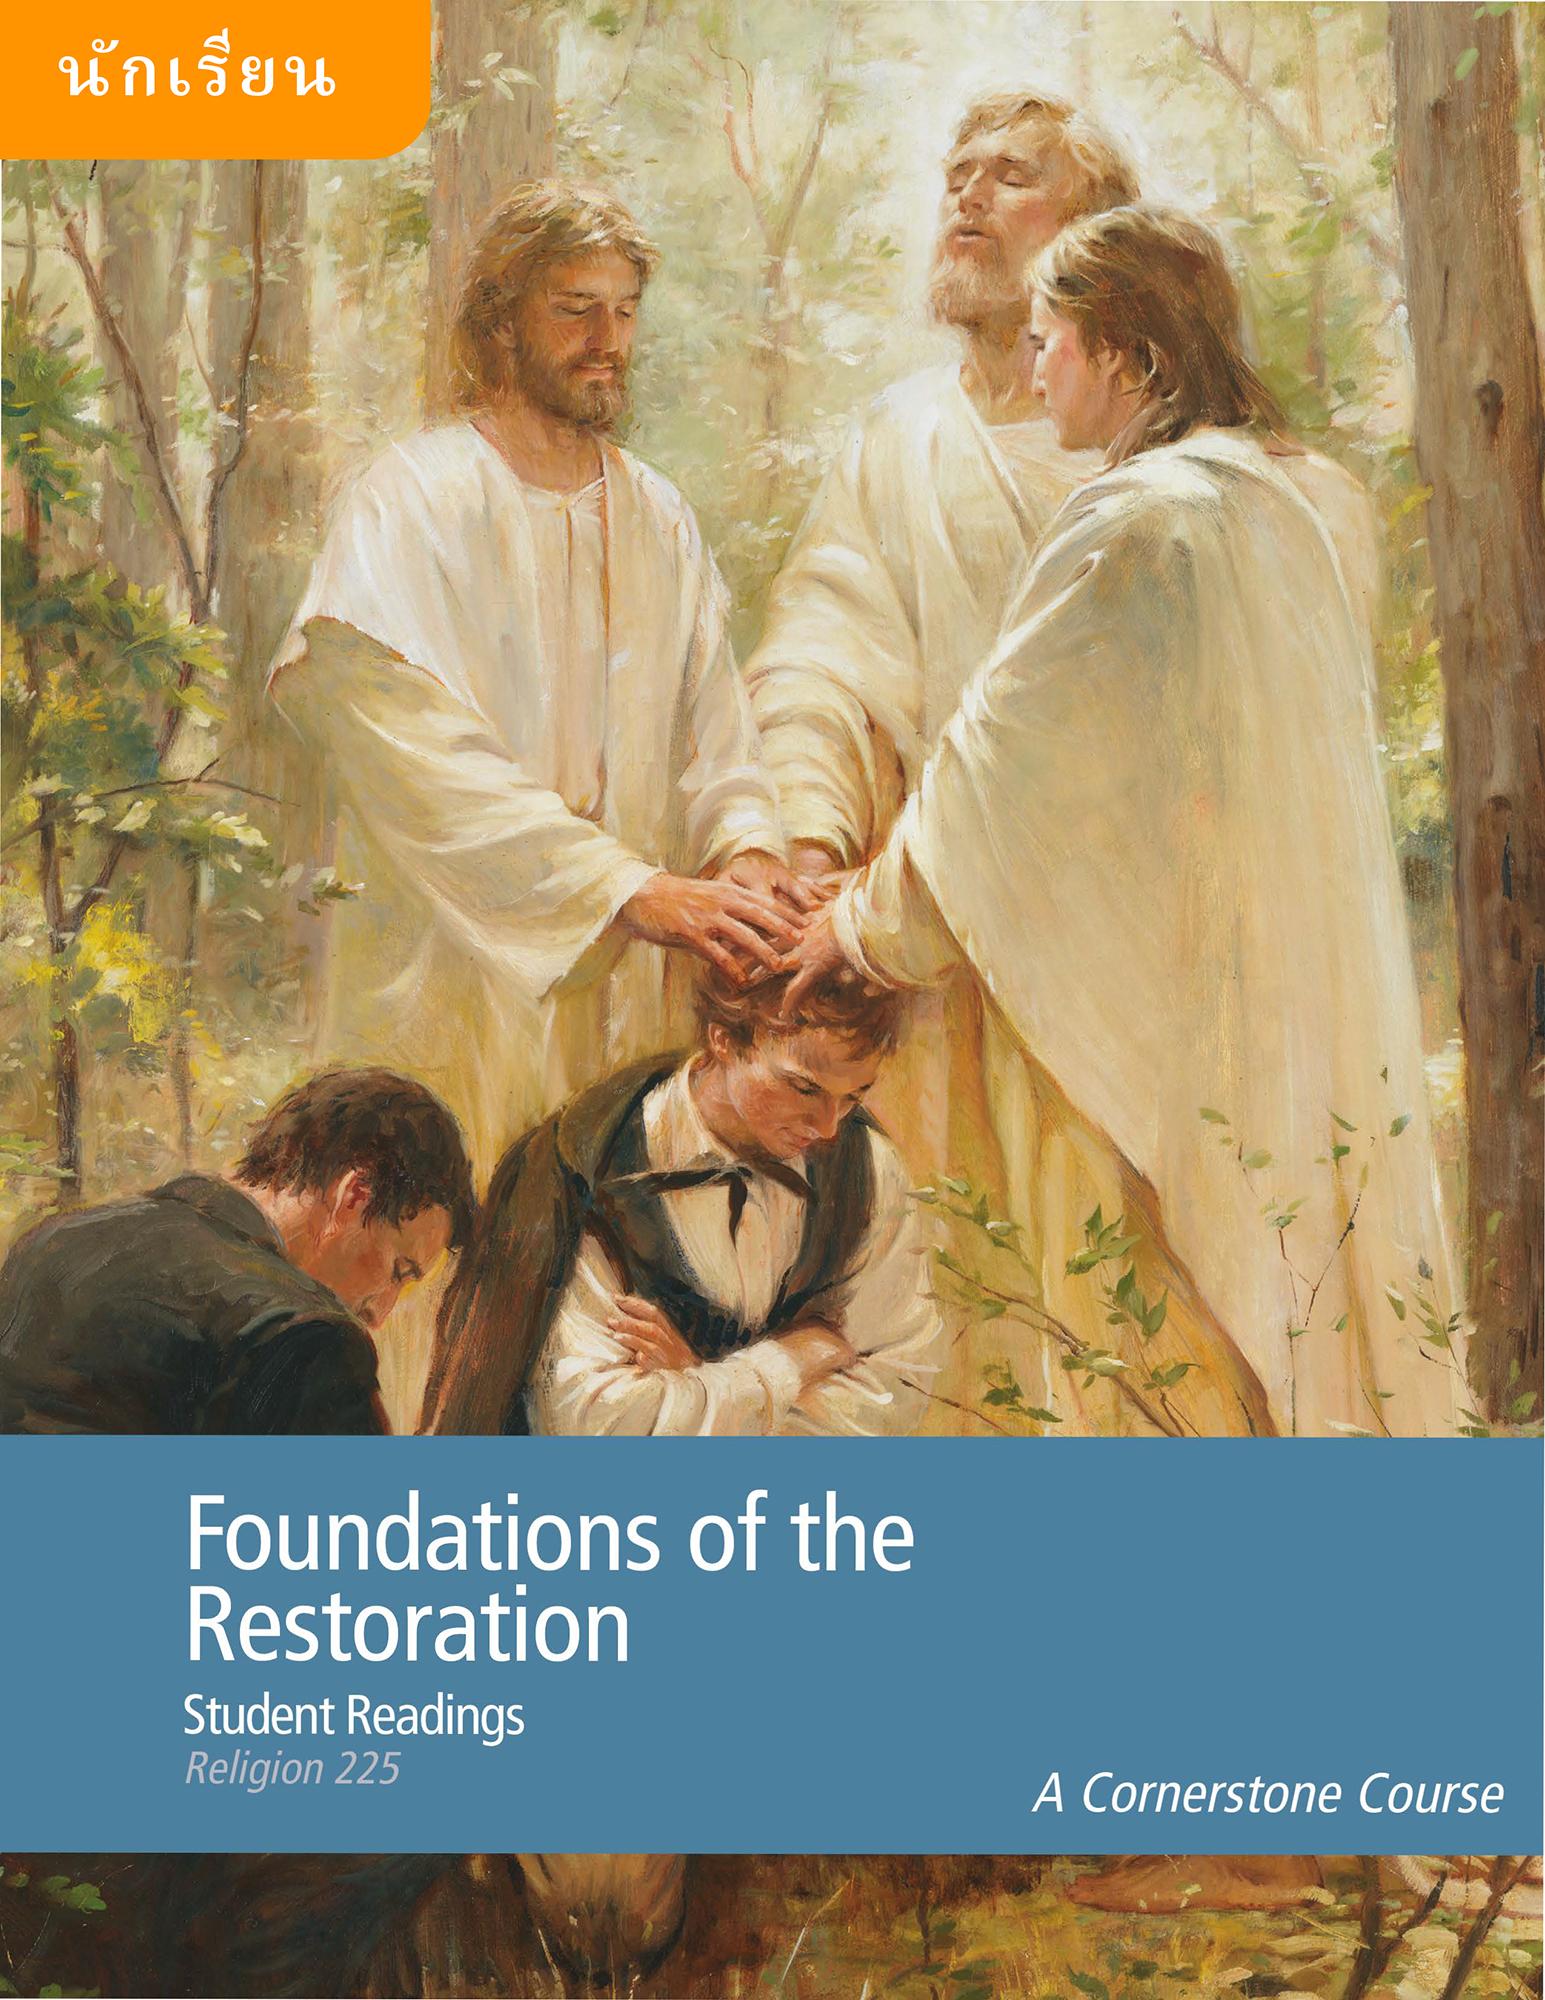 รากฐานของการฟื้นฟู สิ่งที่นักเรียนควรอ่าน (ศาสนา 225)